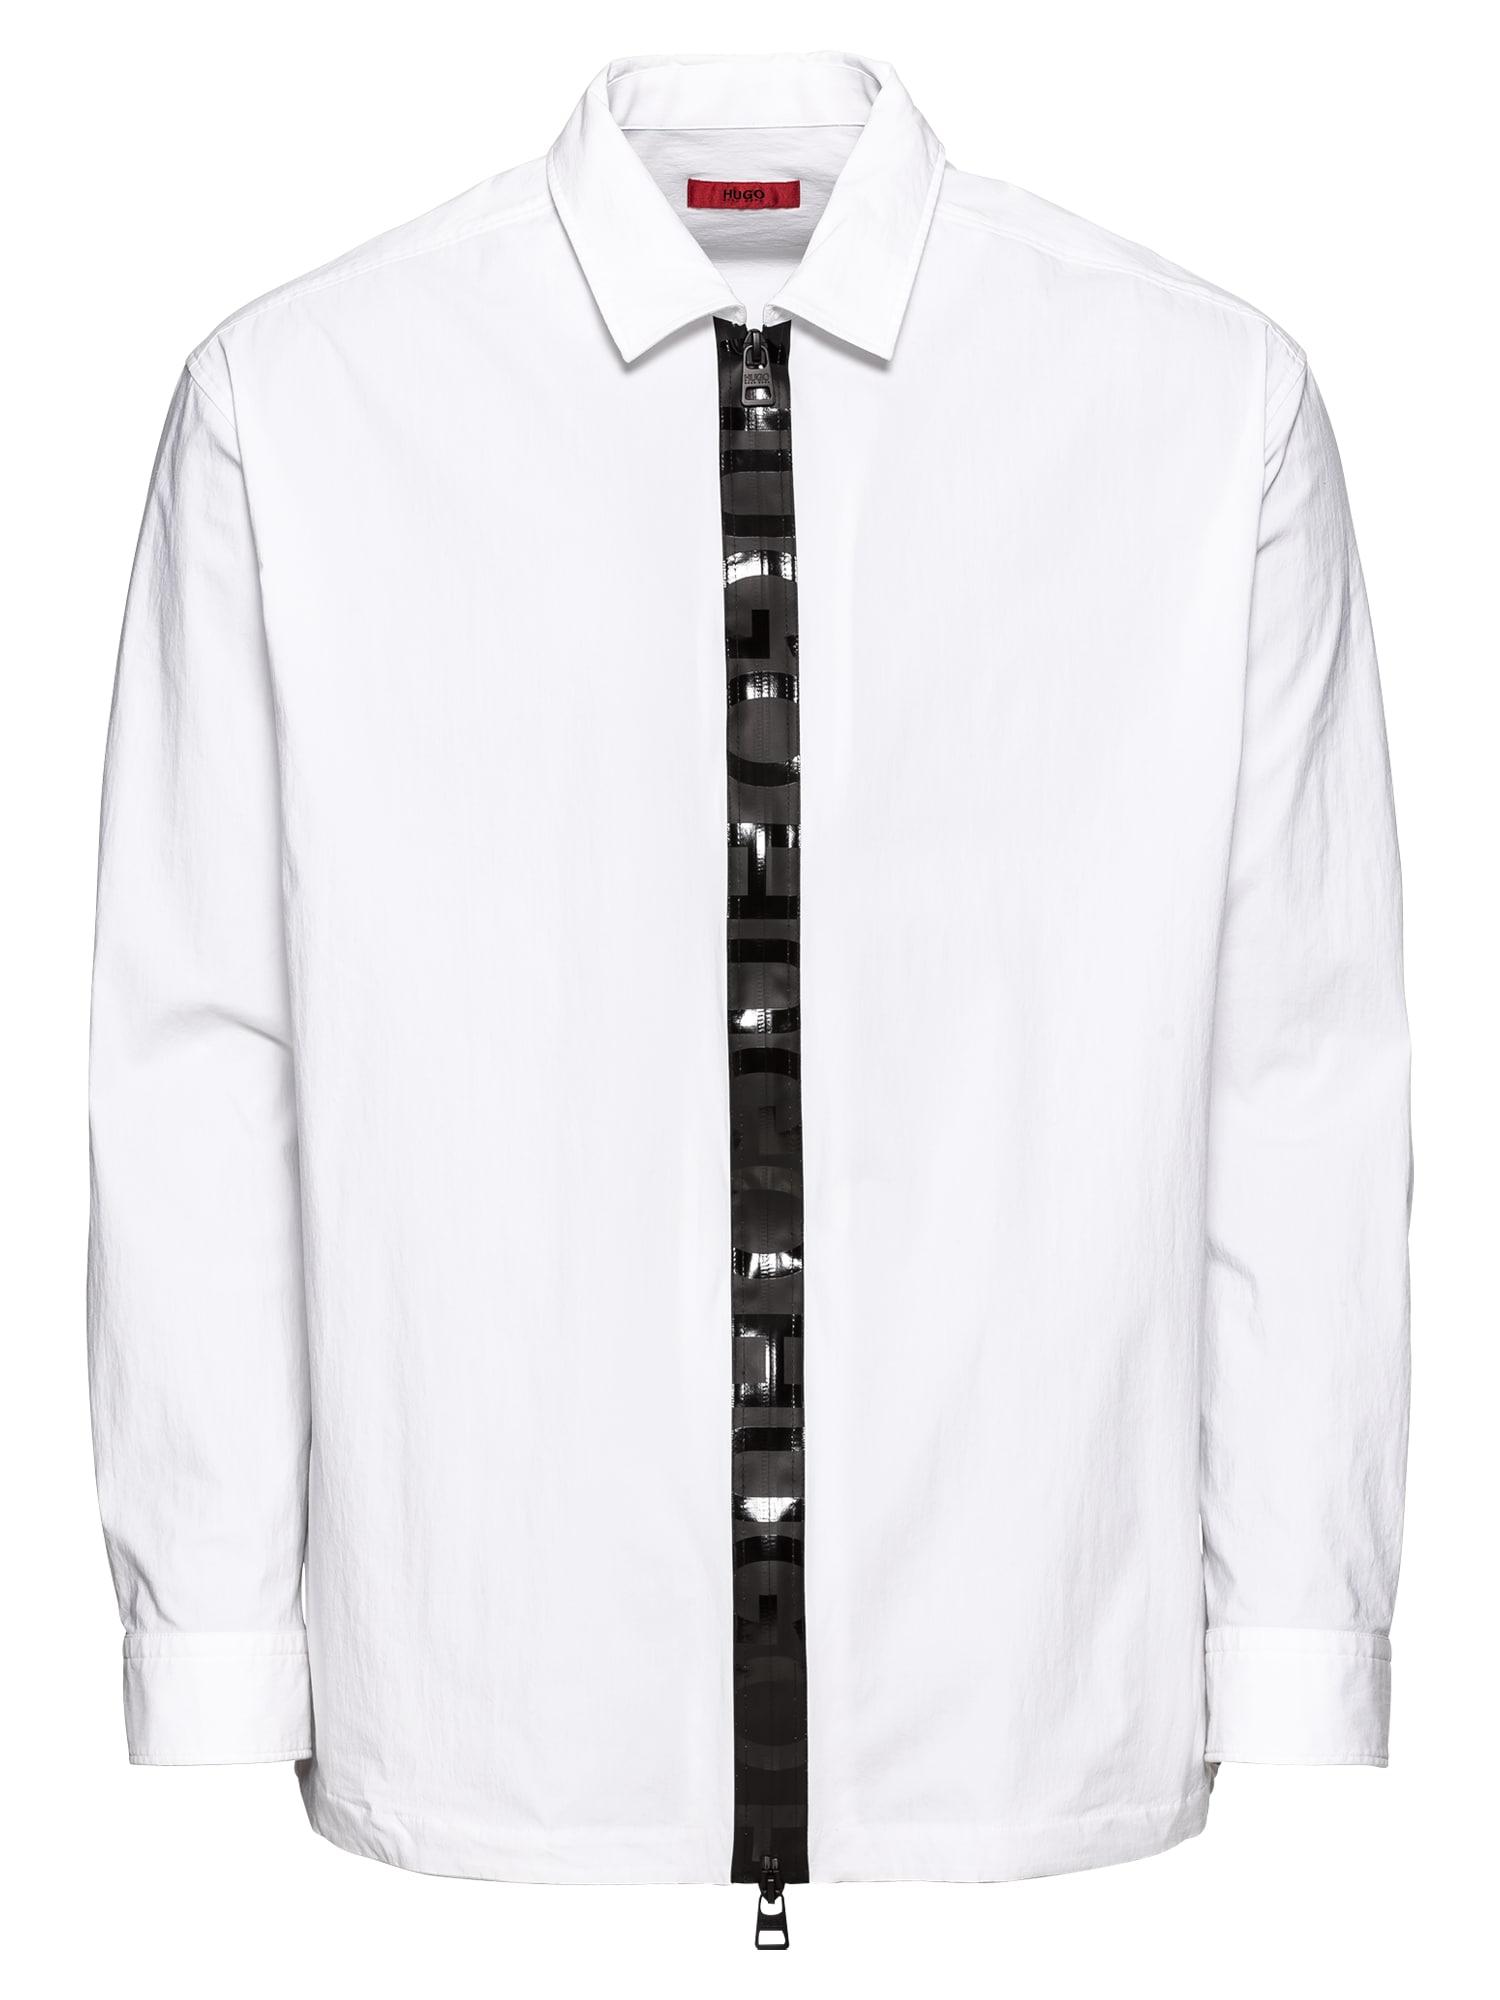 Košile Eiry 10211346 01 černá bílá HUGO